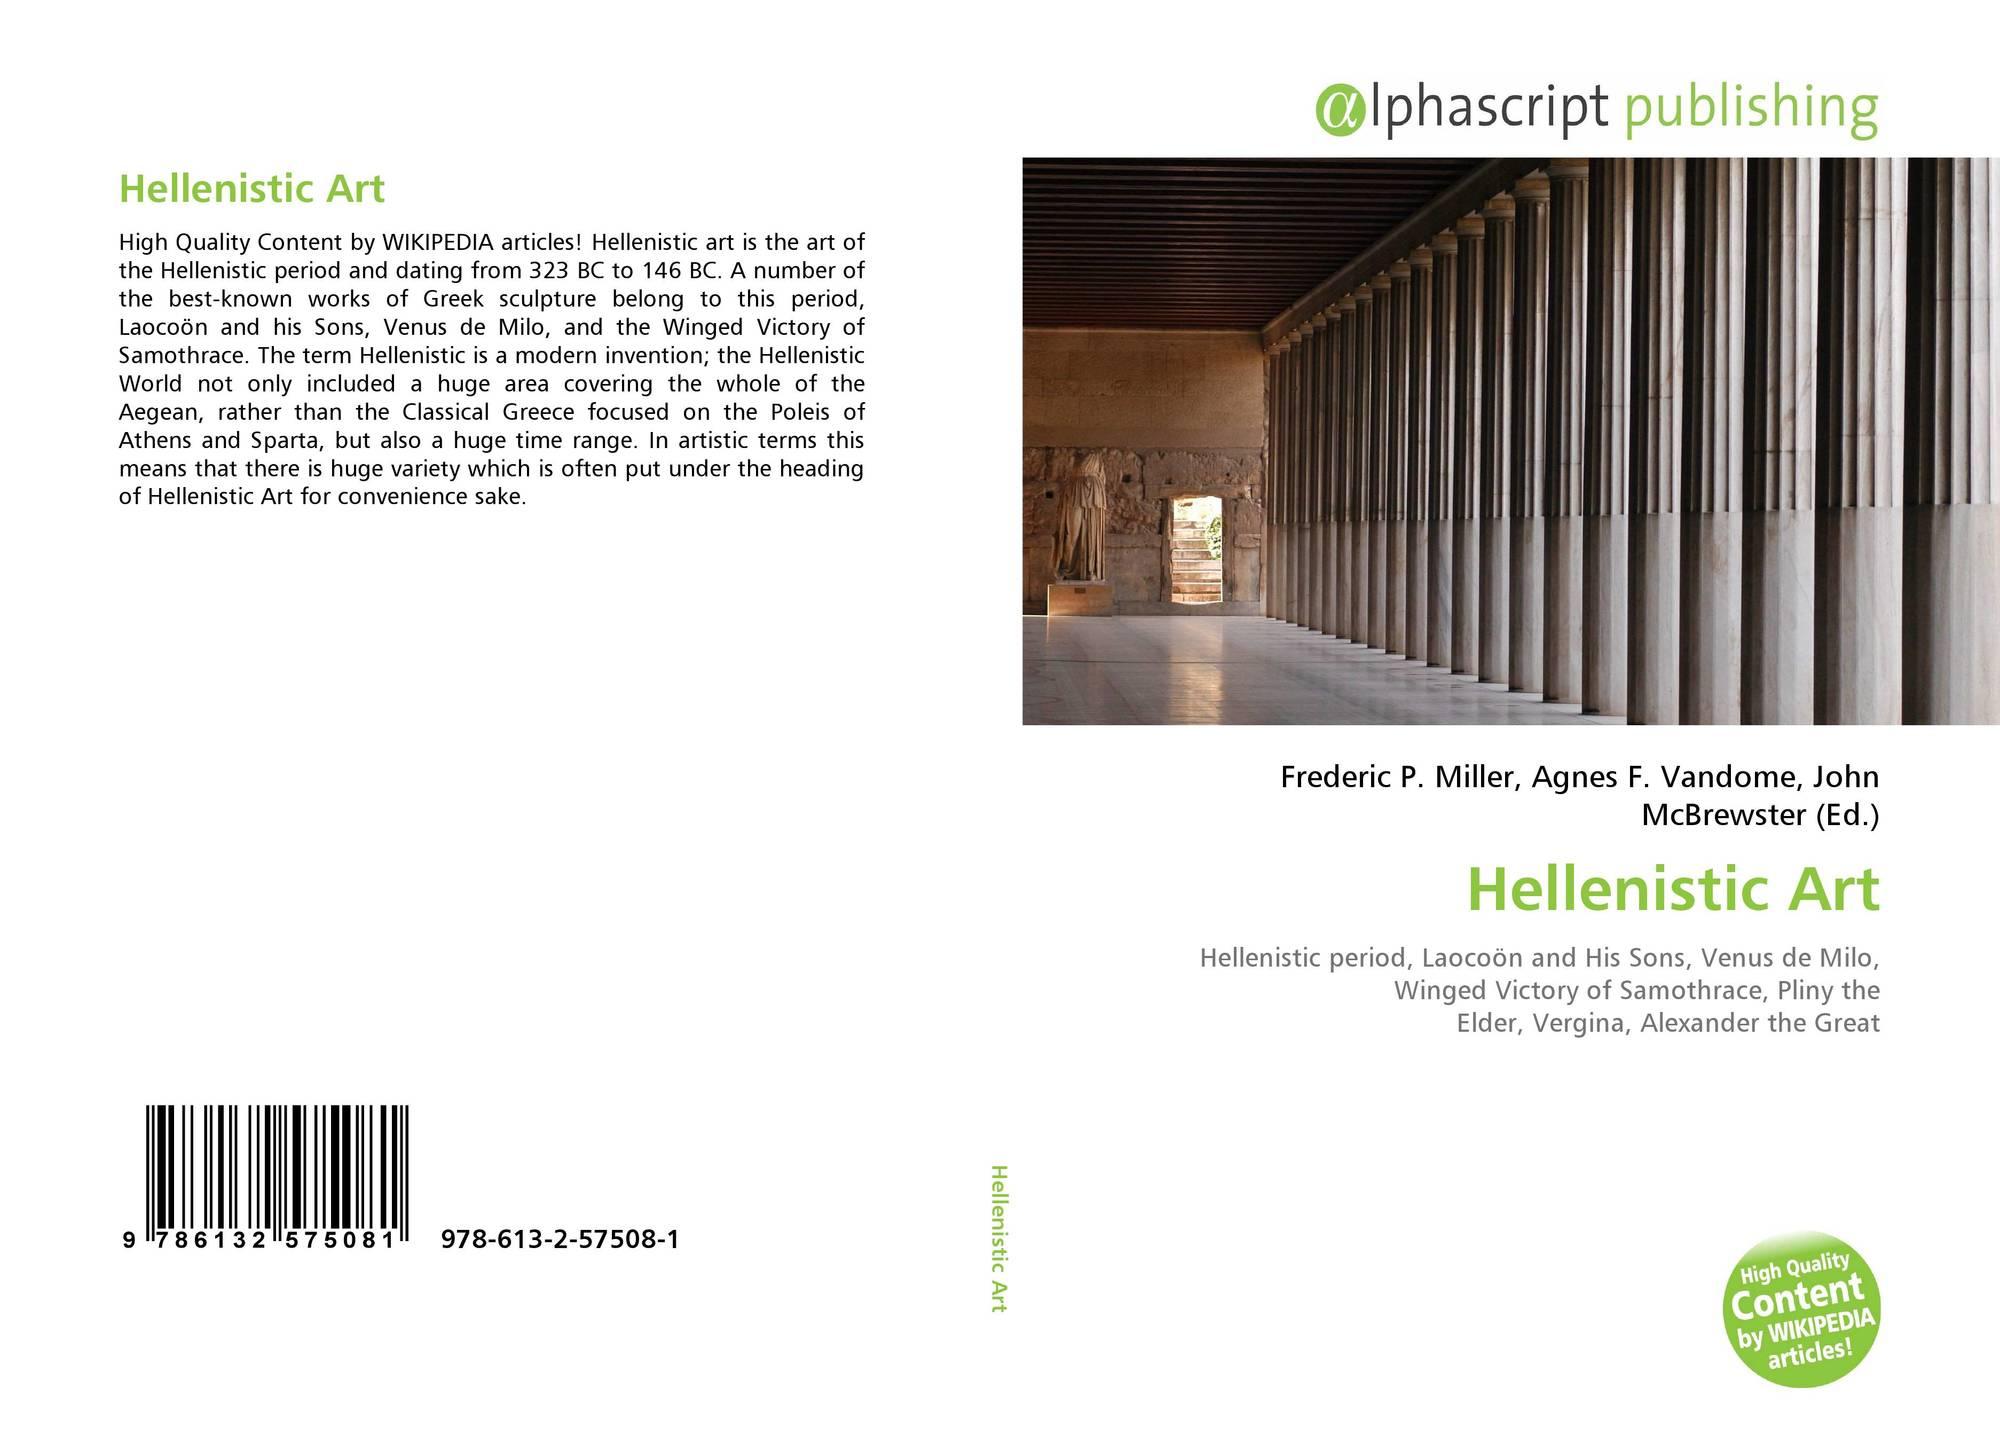 Bookcover Of Hellenistic Art Omni Badge 9307e2201e5f762643a64561af3456be64a87707602f96b92ef18a9bbcada116